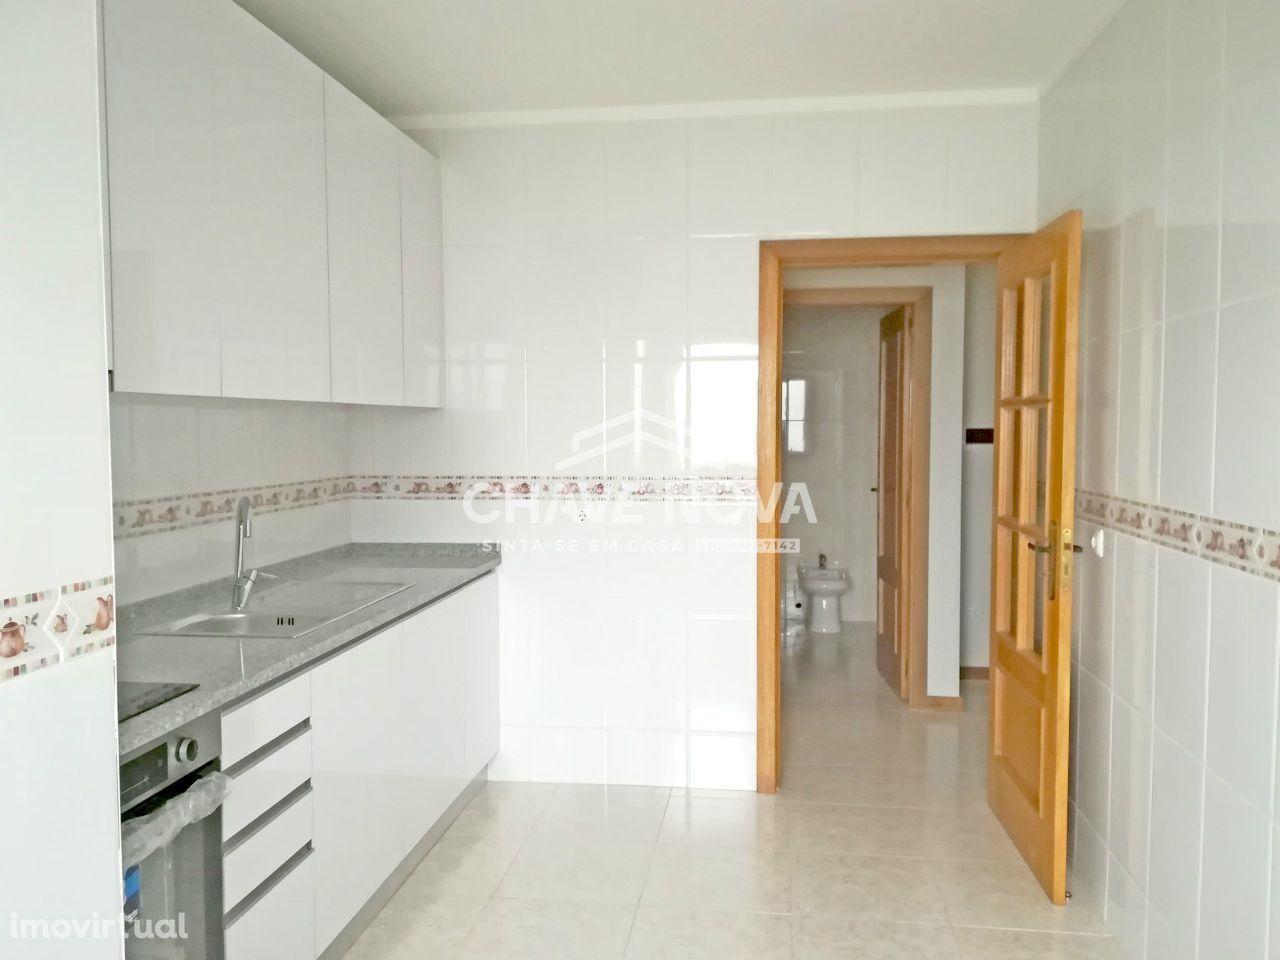 Apartamento T2 recuperado, em Sanfins - Santa Maria Feira